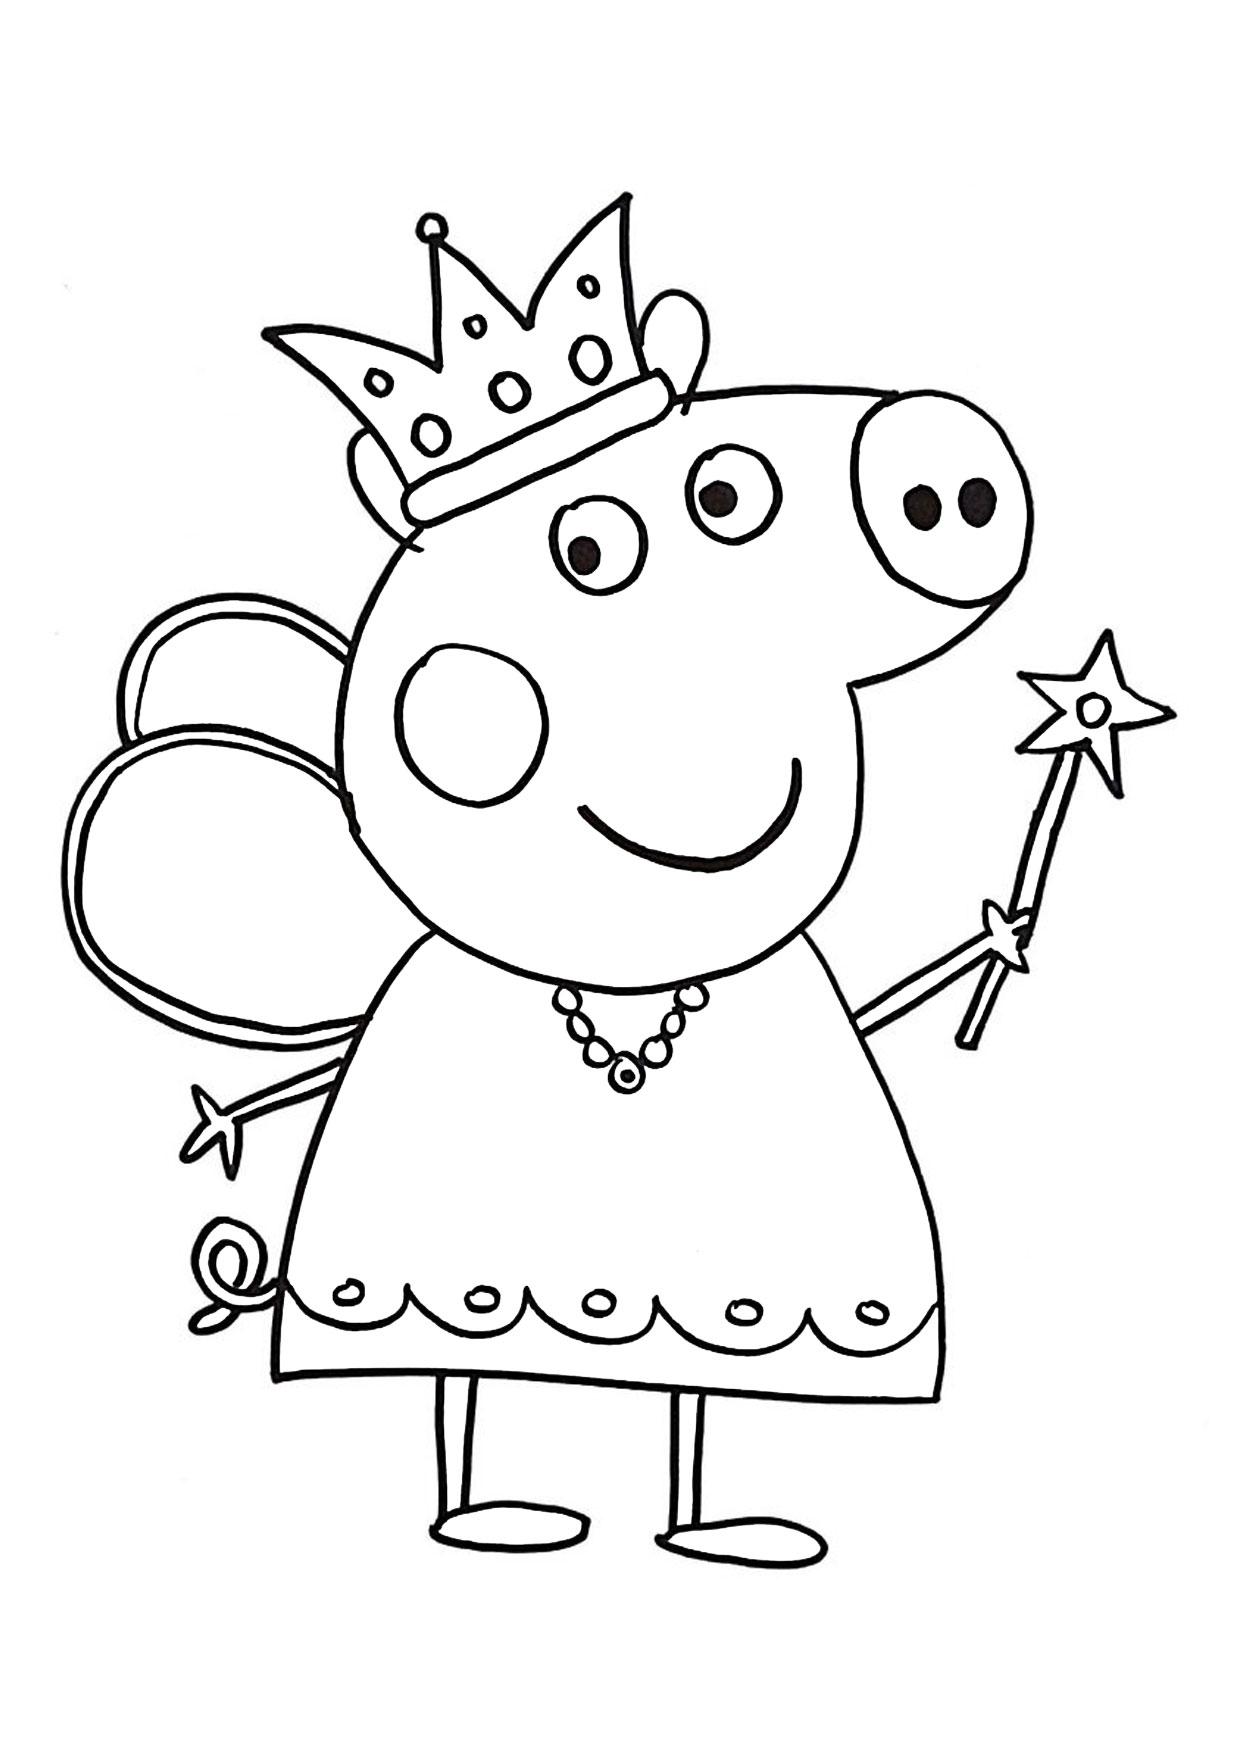 54 Disegni Di Peppa Pig Da Colorare Pianetabambini It